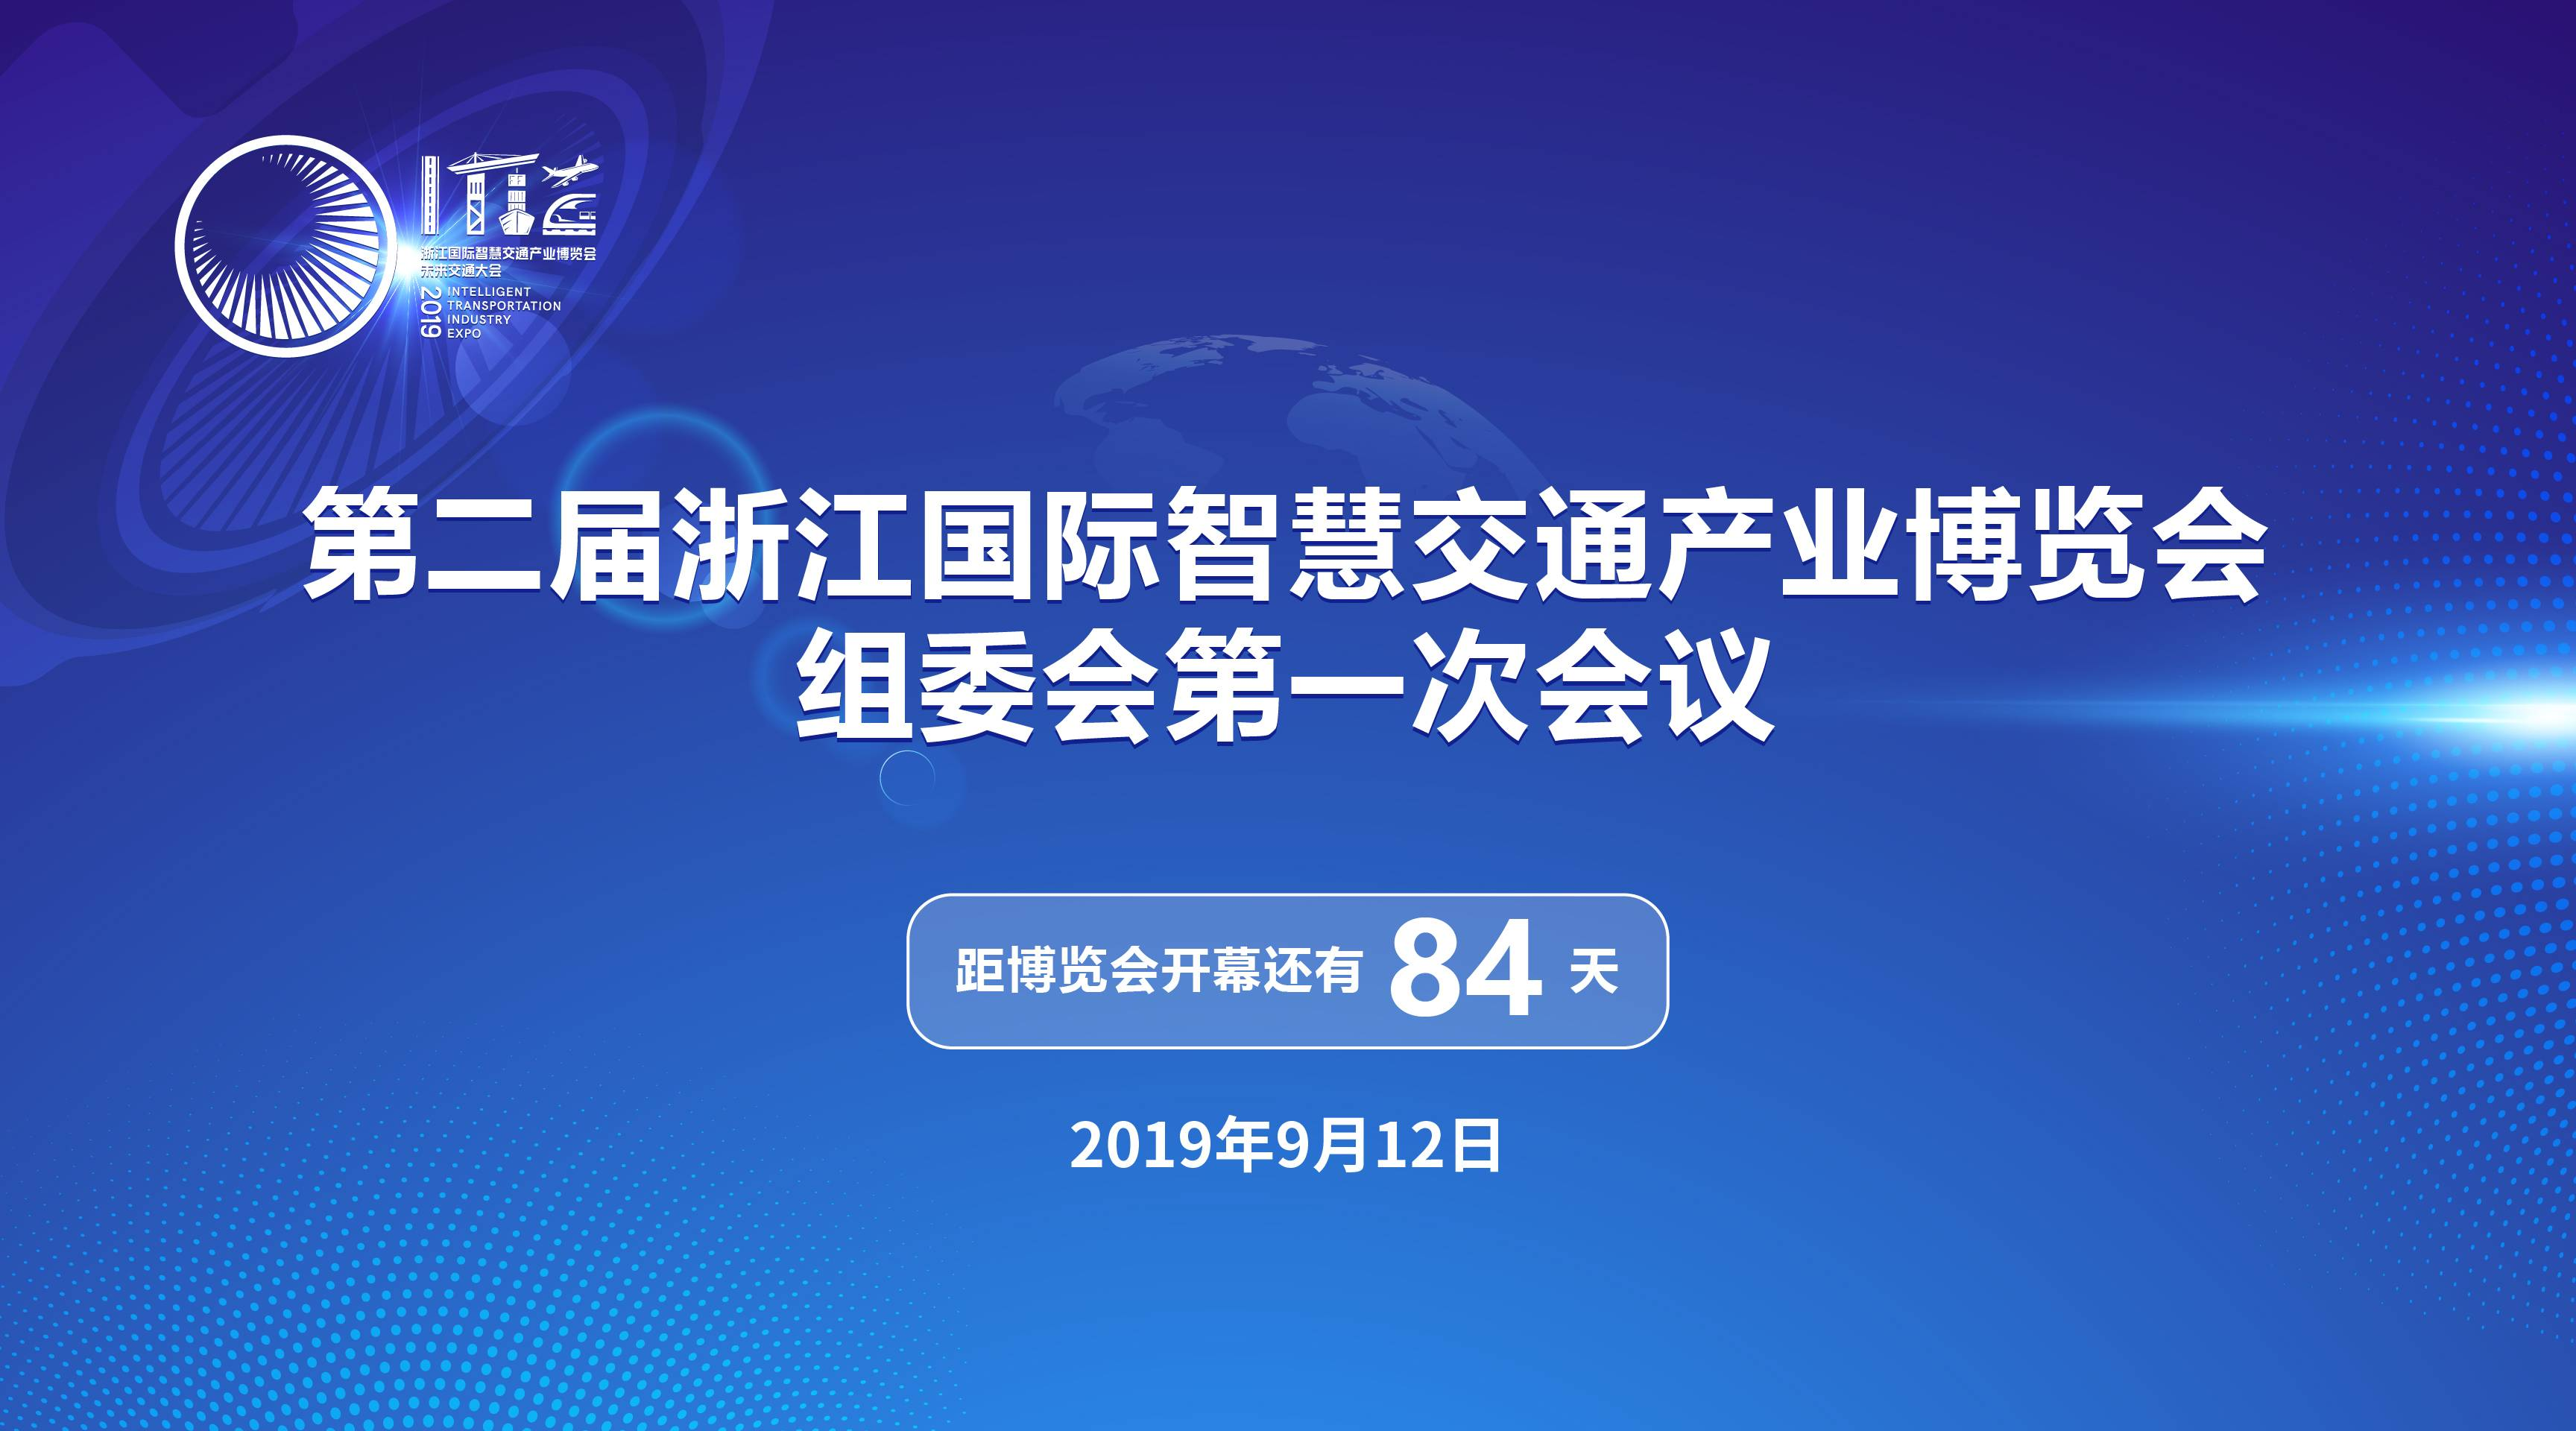 高兴夫副省长出席第二届浙江国际智慧交通产业博览会组委会第一次会议